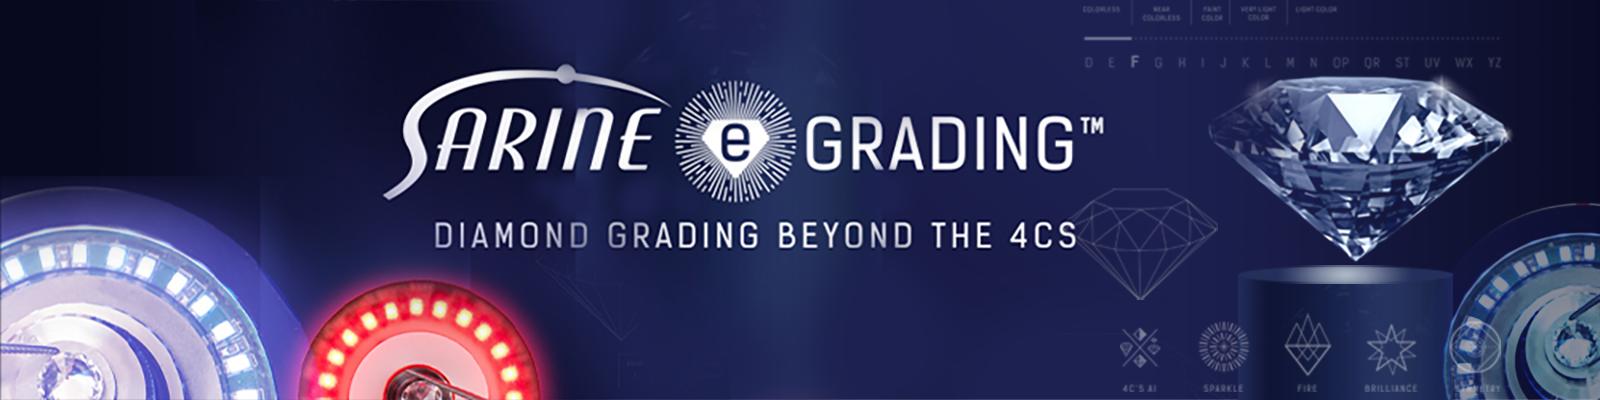 eGrading banner2-2